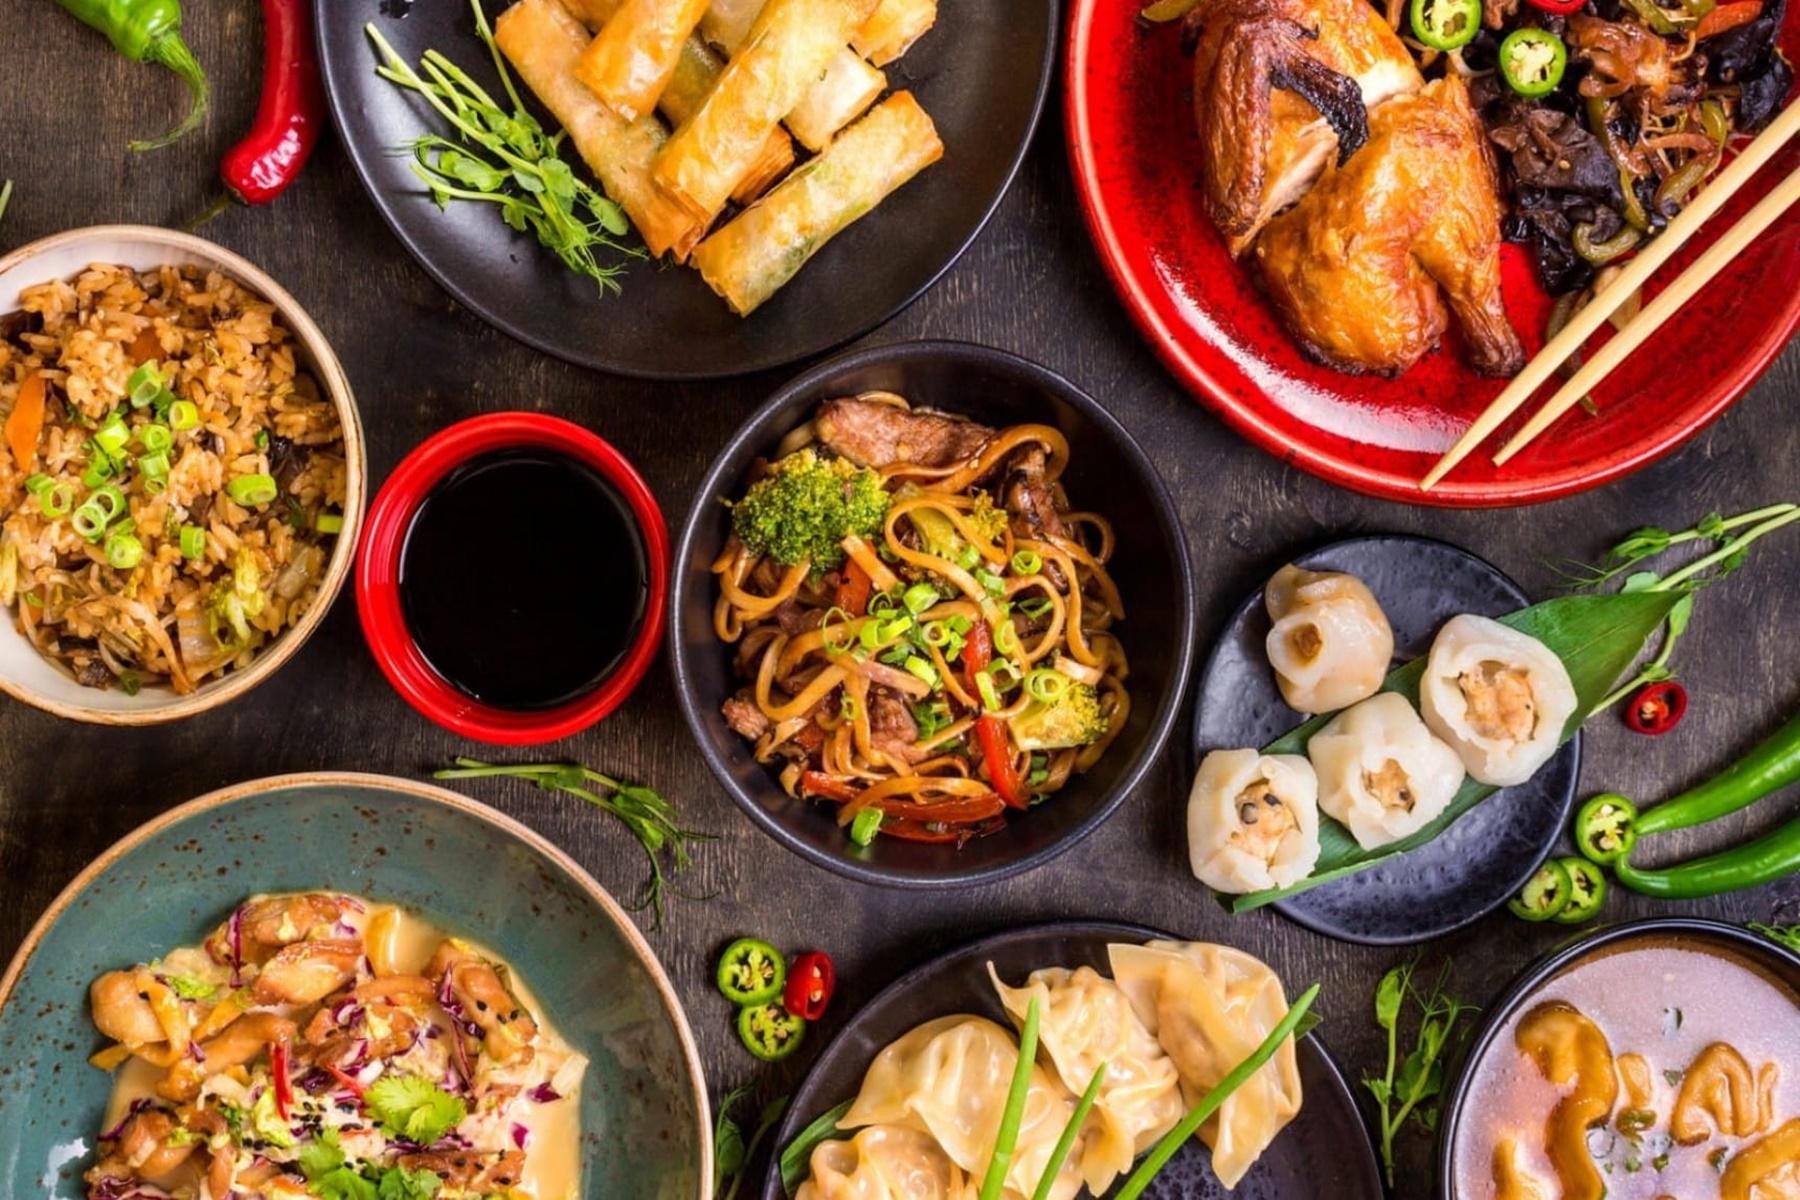 Κινέζικο φαγητό : Συμβουλές για να τραφείτε υγιεινά